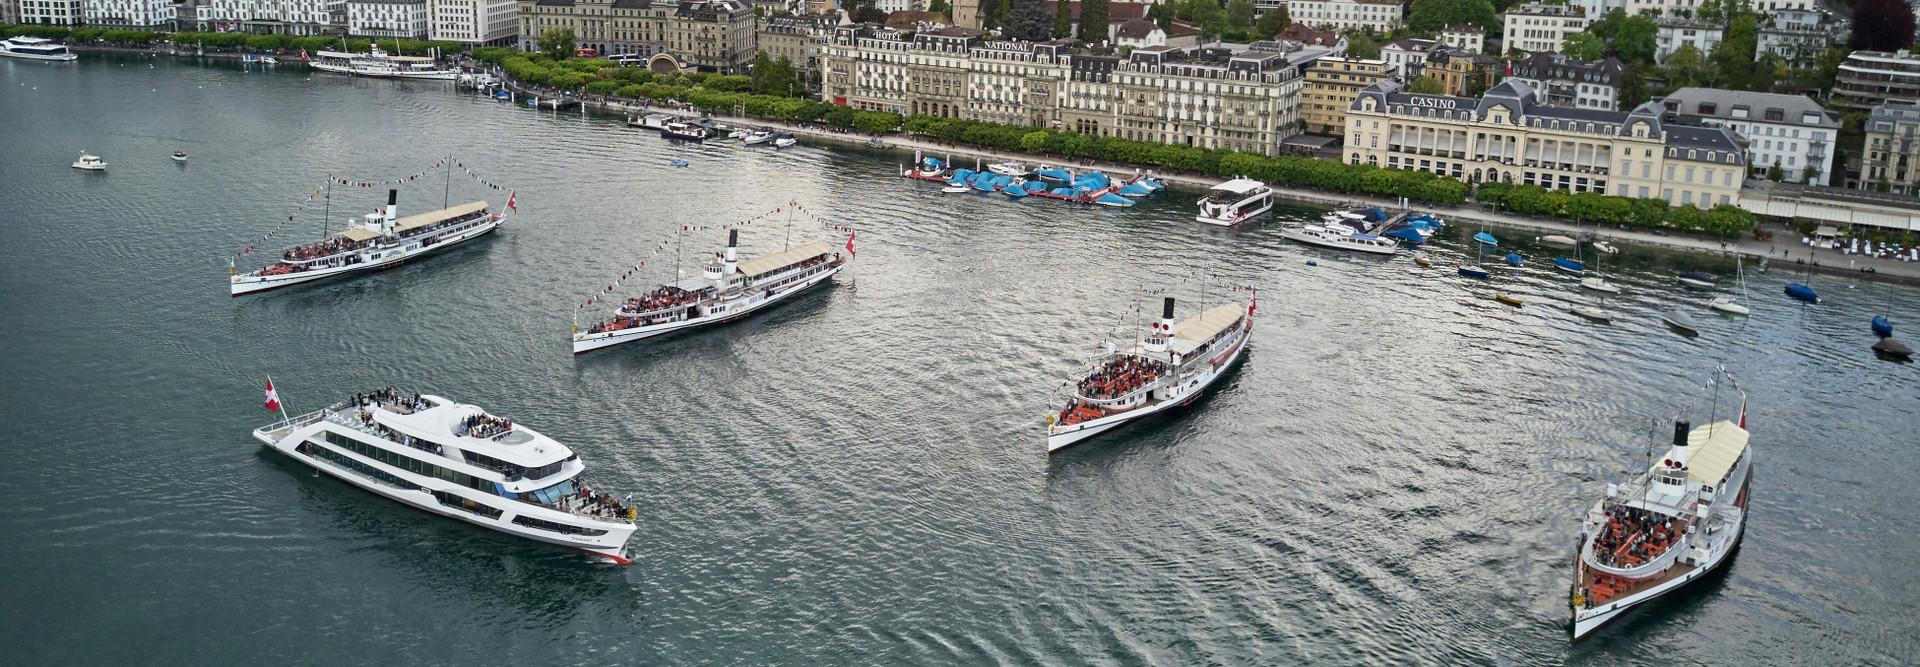 Une partie de la flotte de la Société de navigation du lac des Quatre-Cantons (SGV) AG.